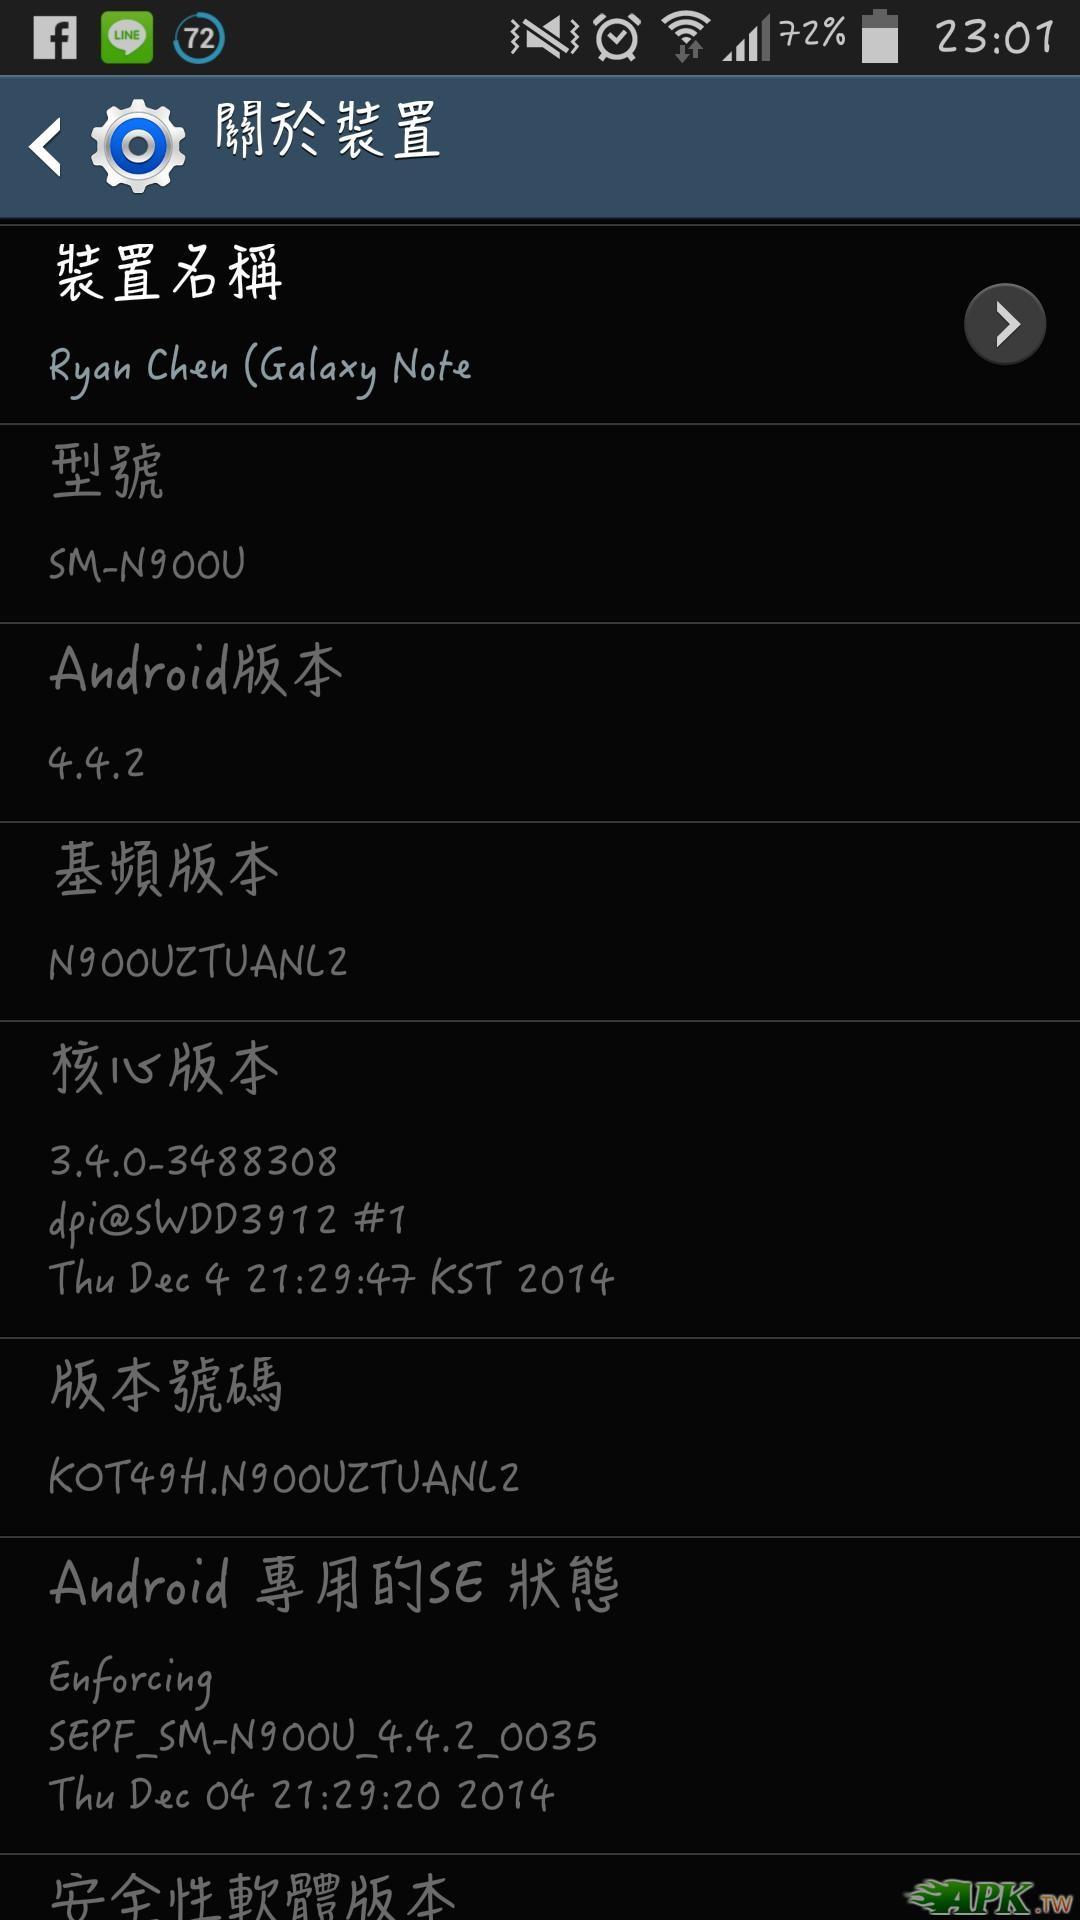 Screenshot_2015-03-24-23-01-53.JPG